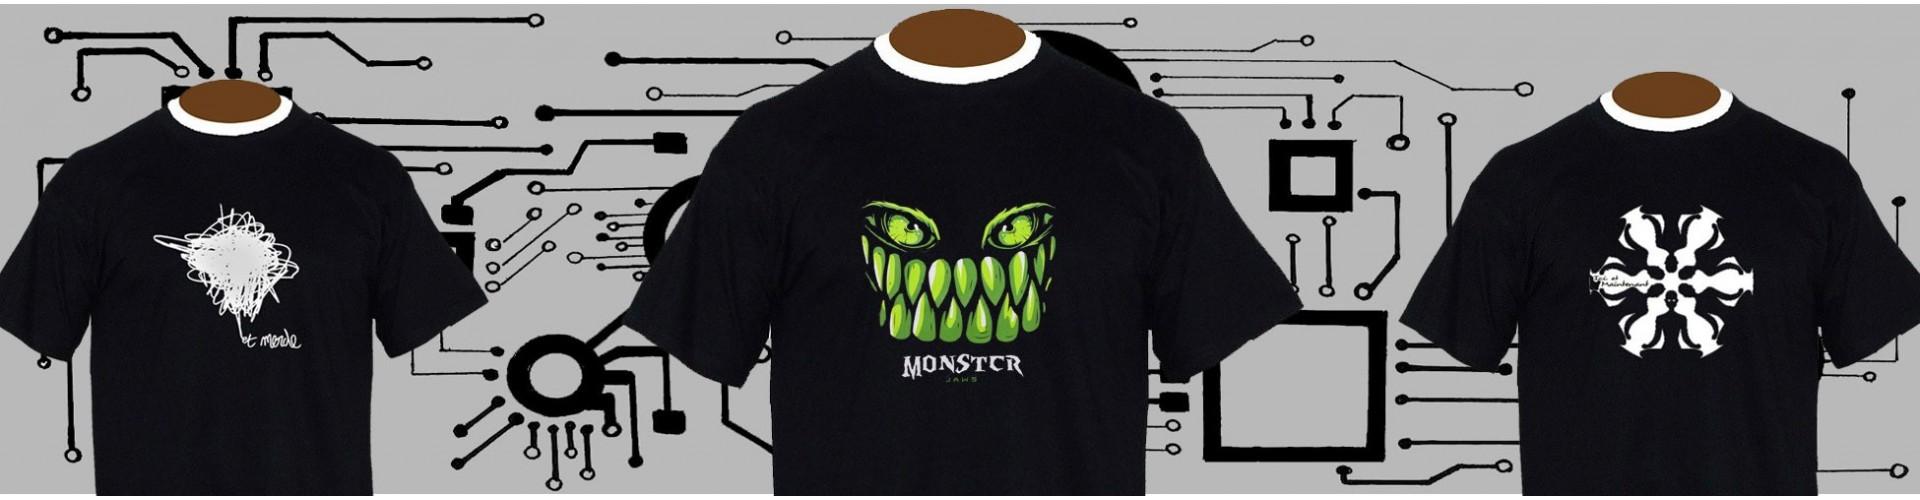 T-Shirts Originaux Homme tendance t-shirts homme originaux pas cher